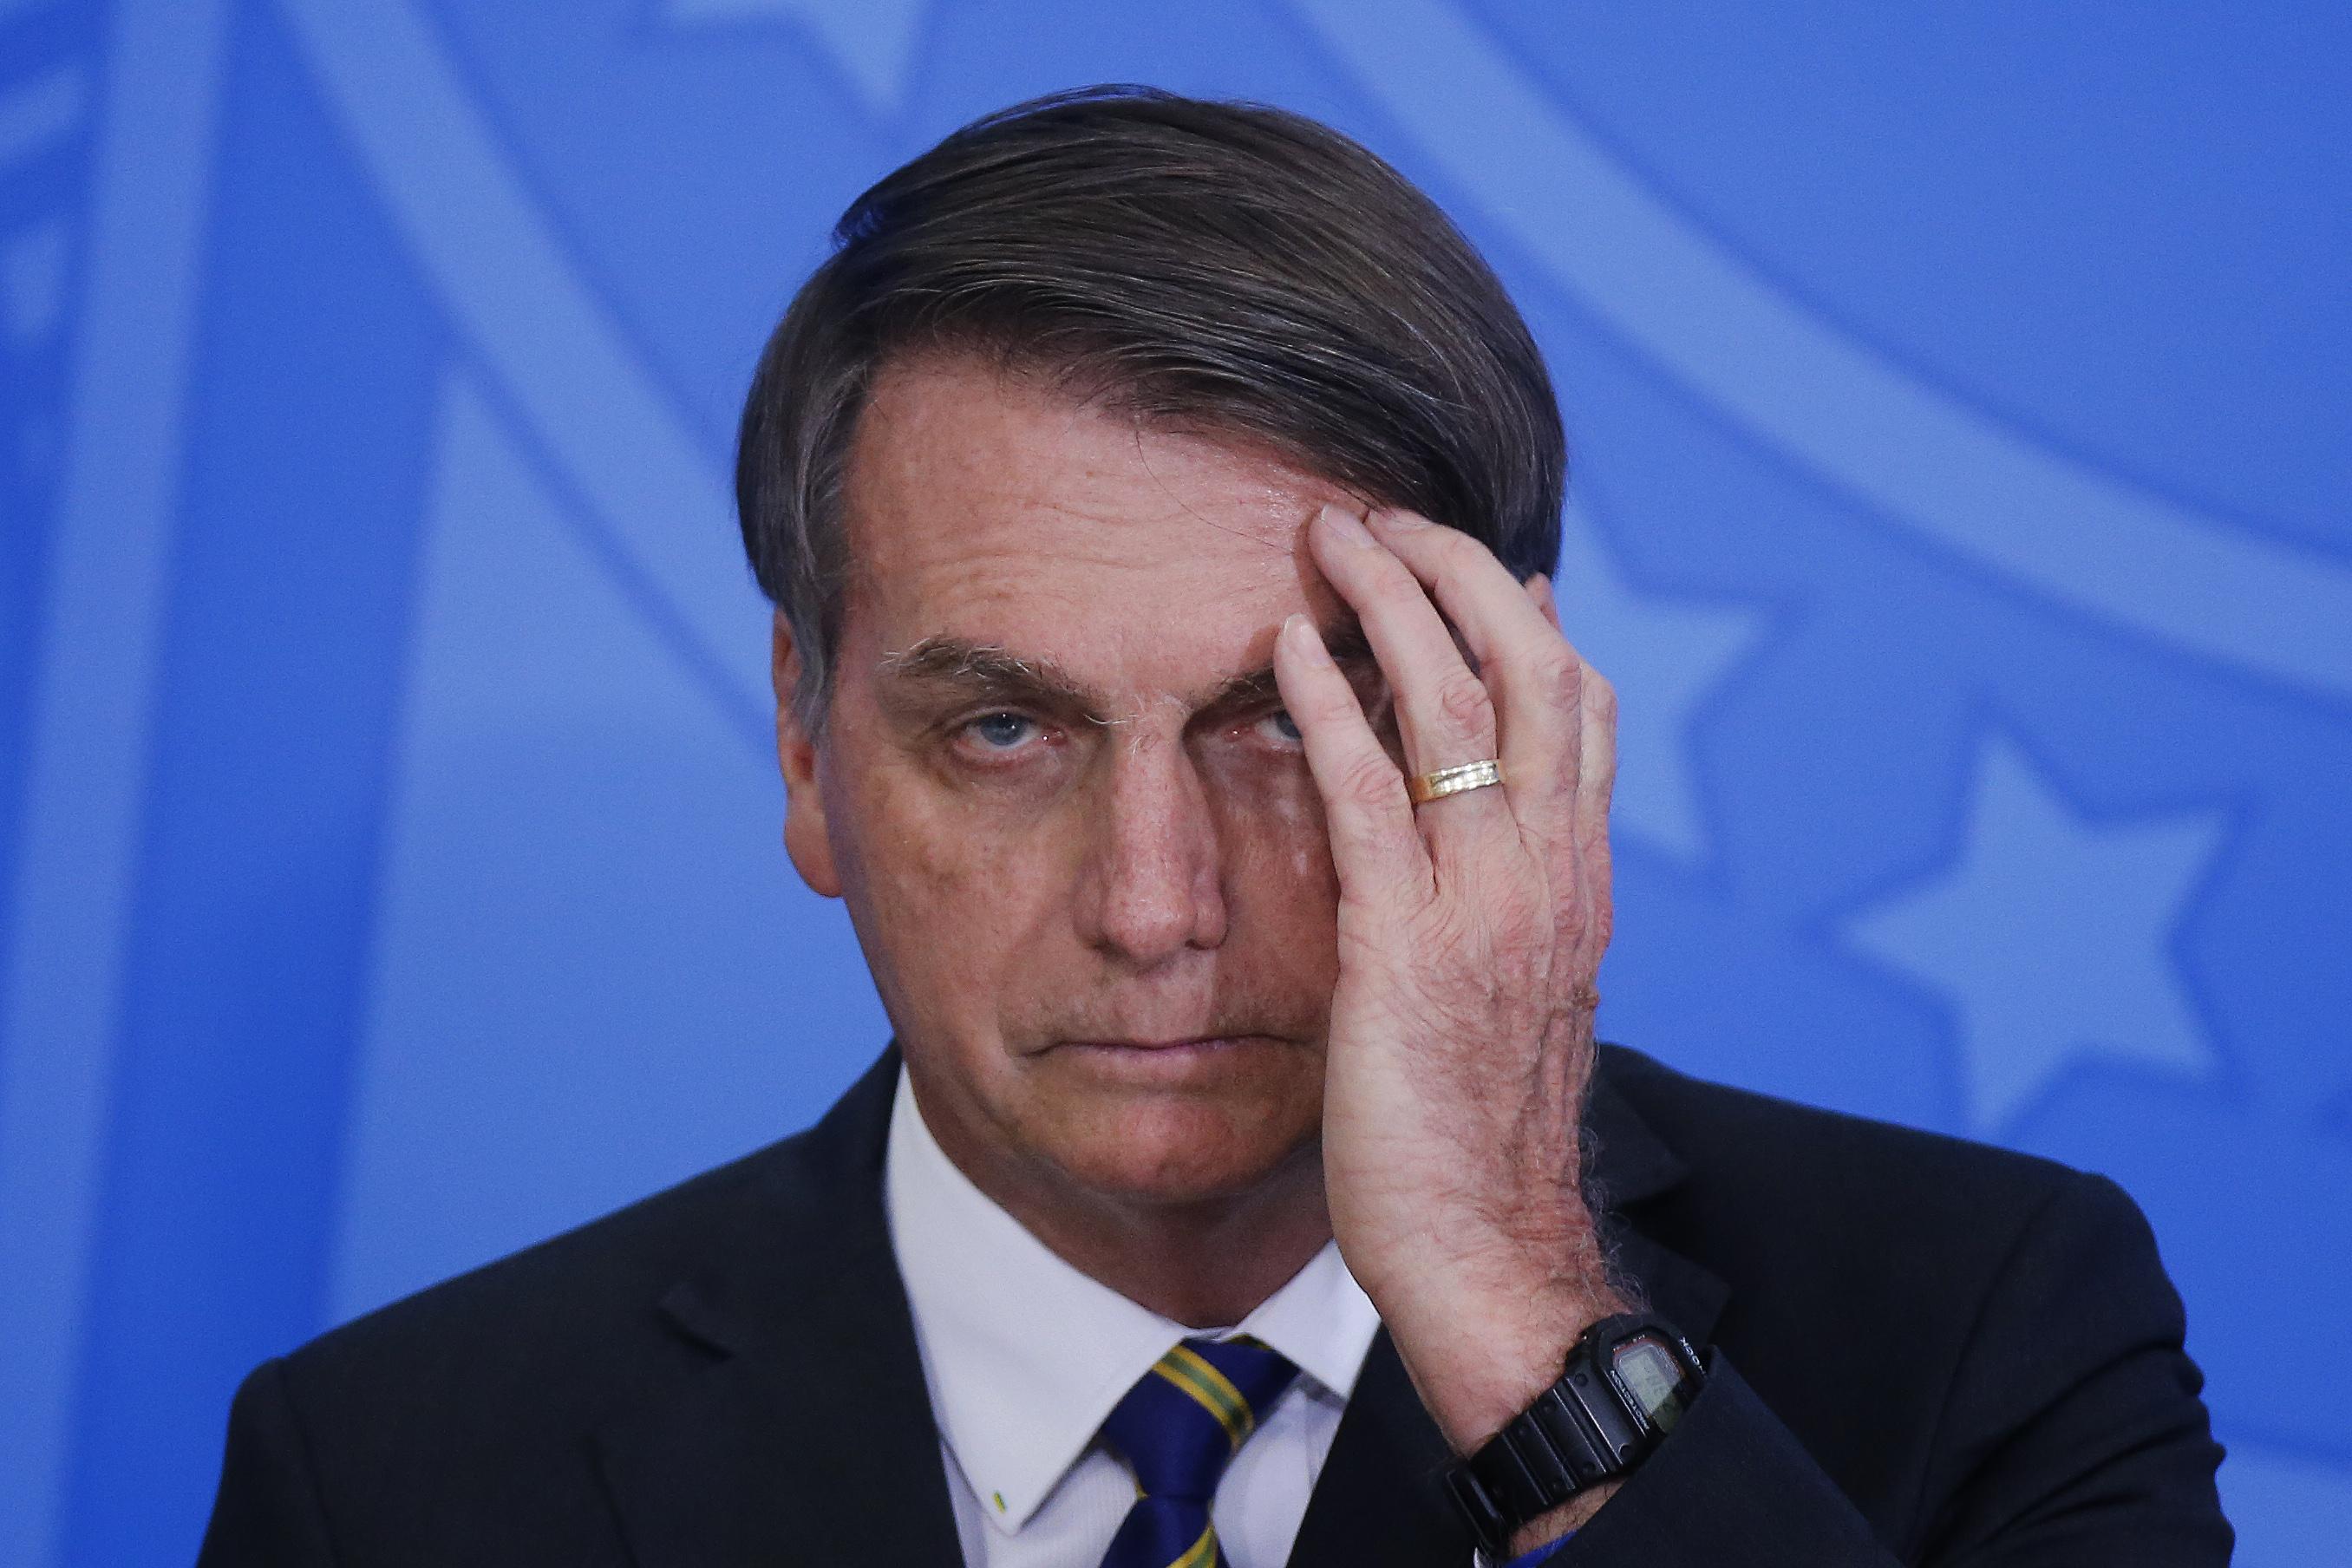 IMAGEM: Renovamos os nossos parabéns a Bolsonaro